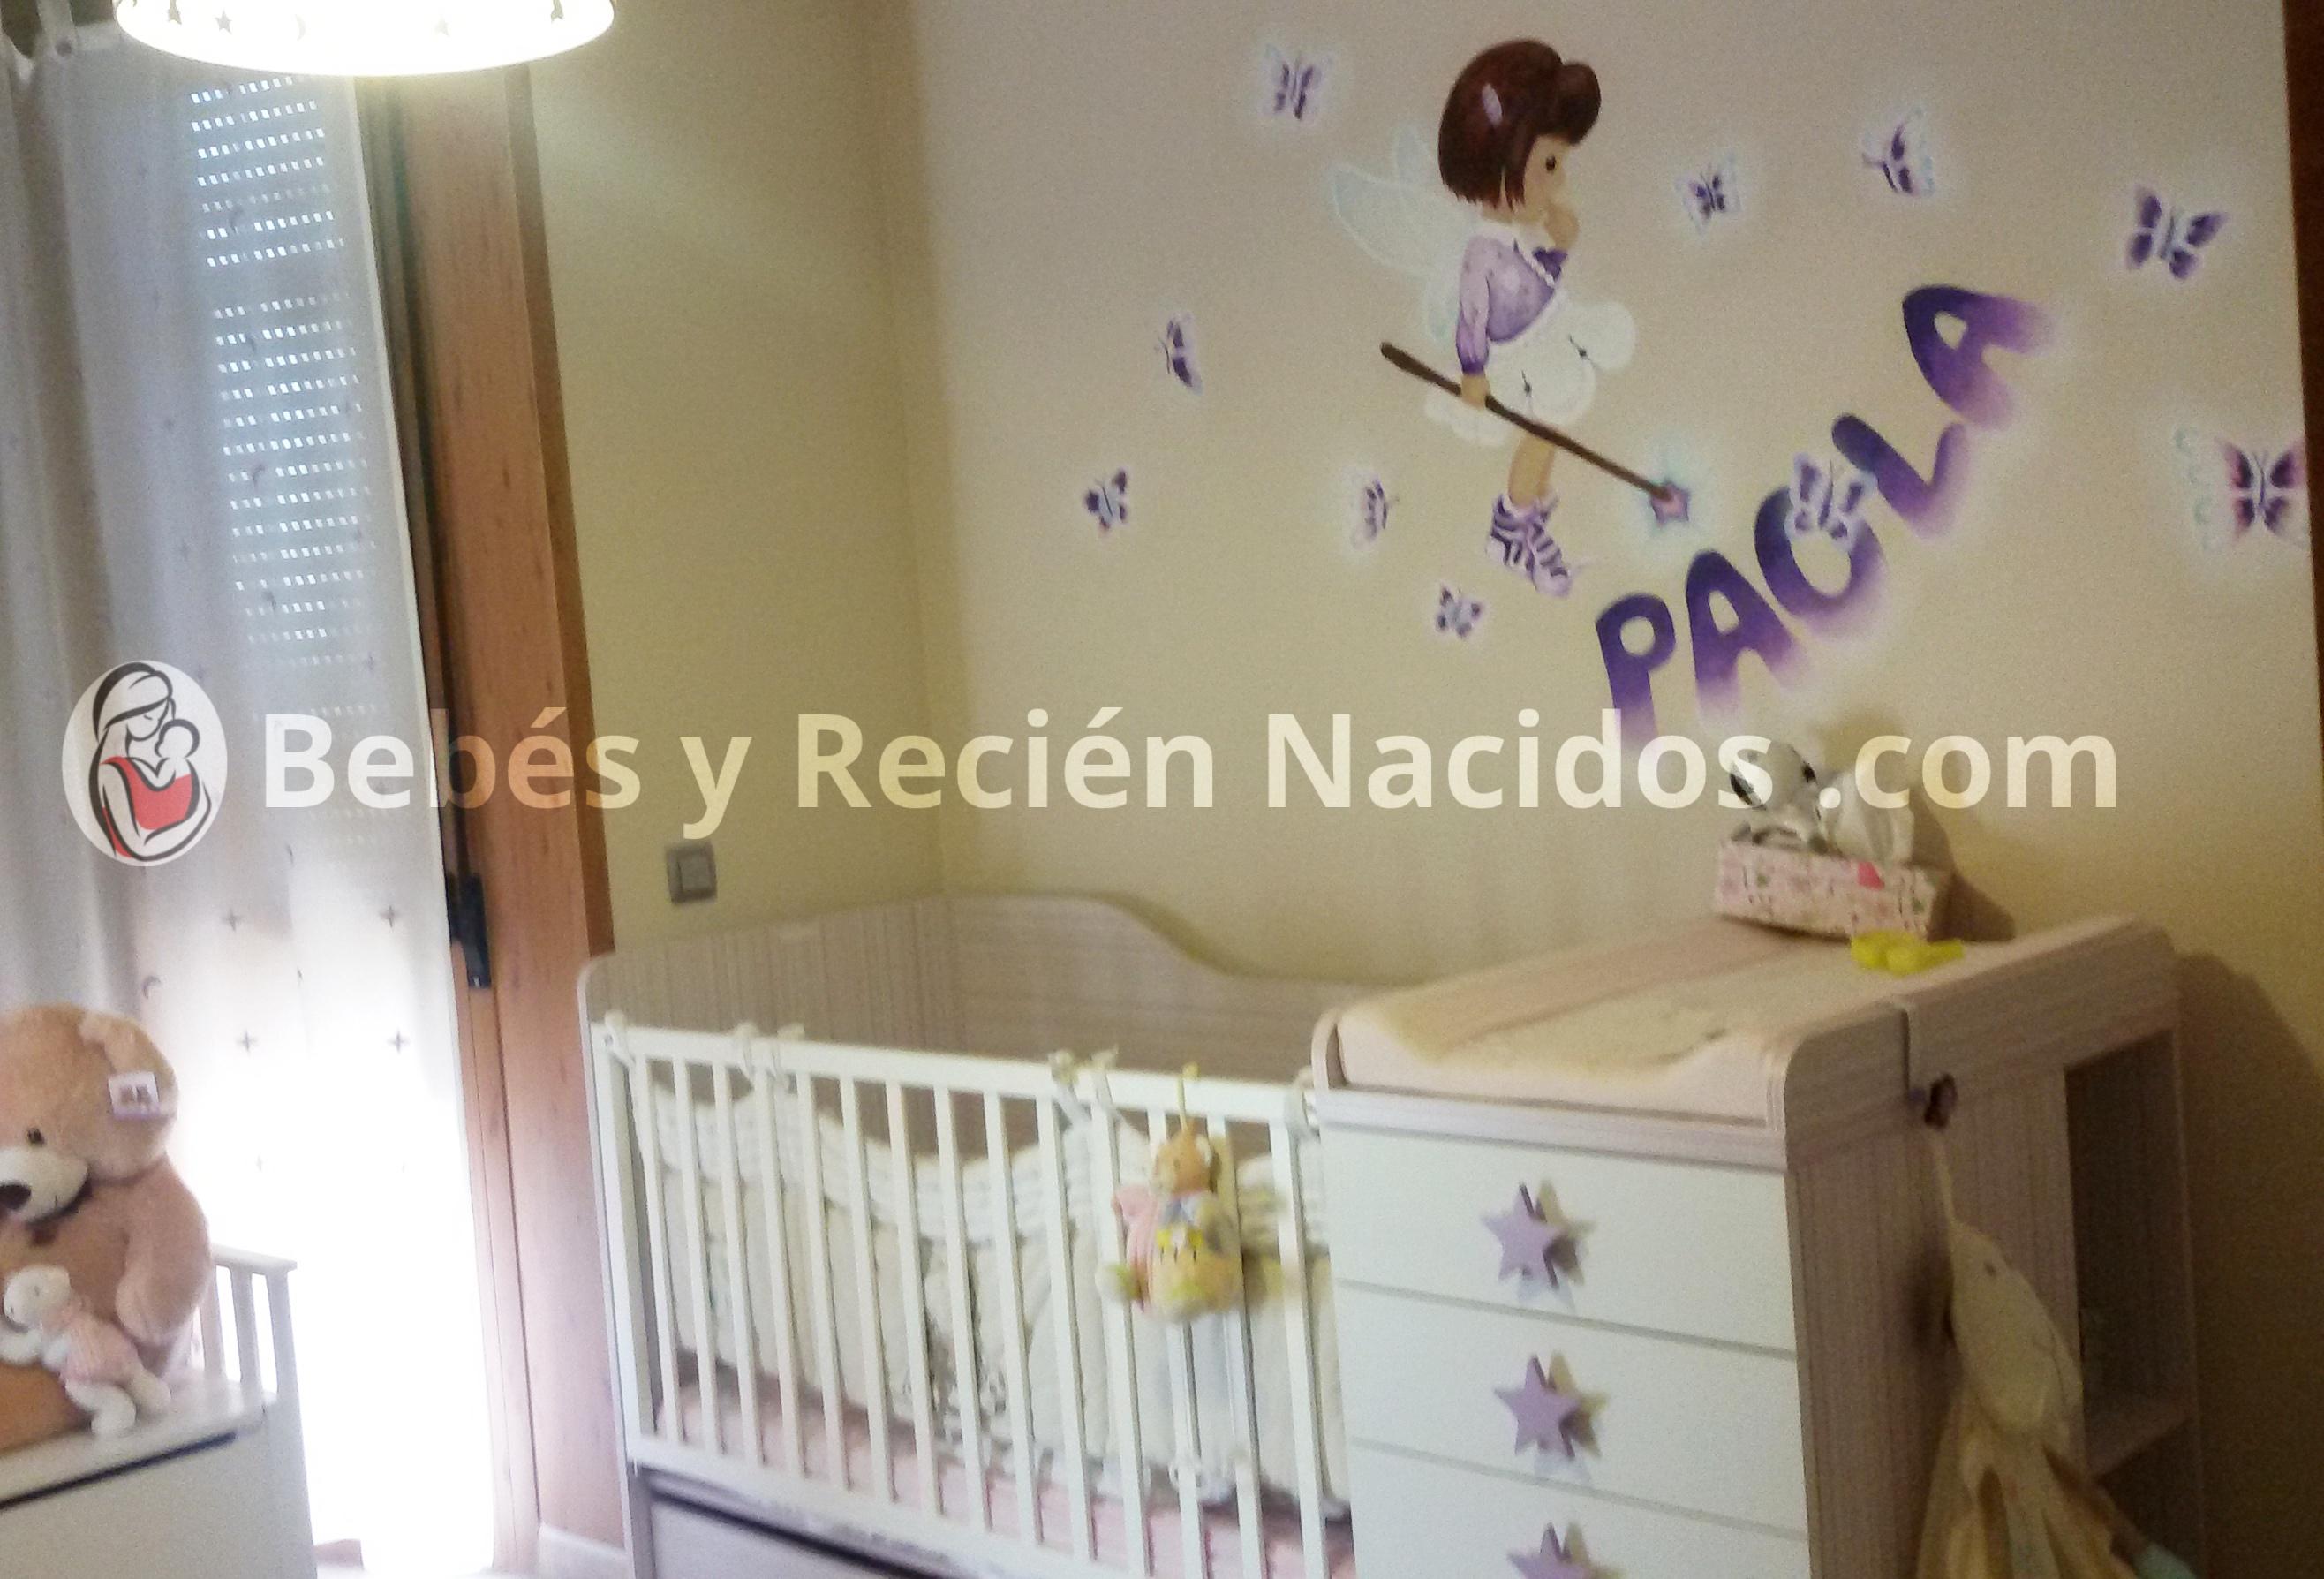 Decoraci N Infantil Novedades Y Tendencias 2016 Beb S Y Reci N  ~ Decoracion Pared Habitacion Infantil